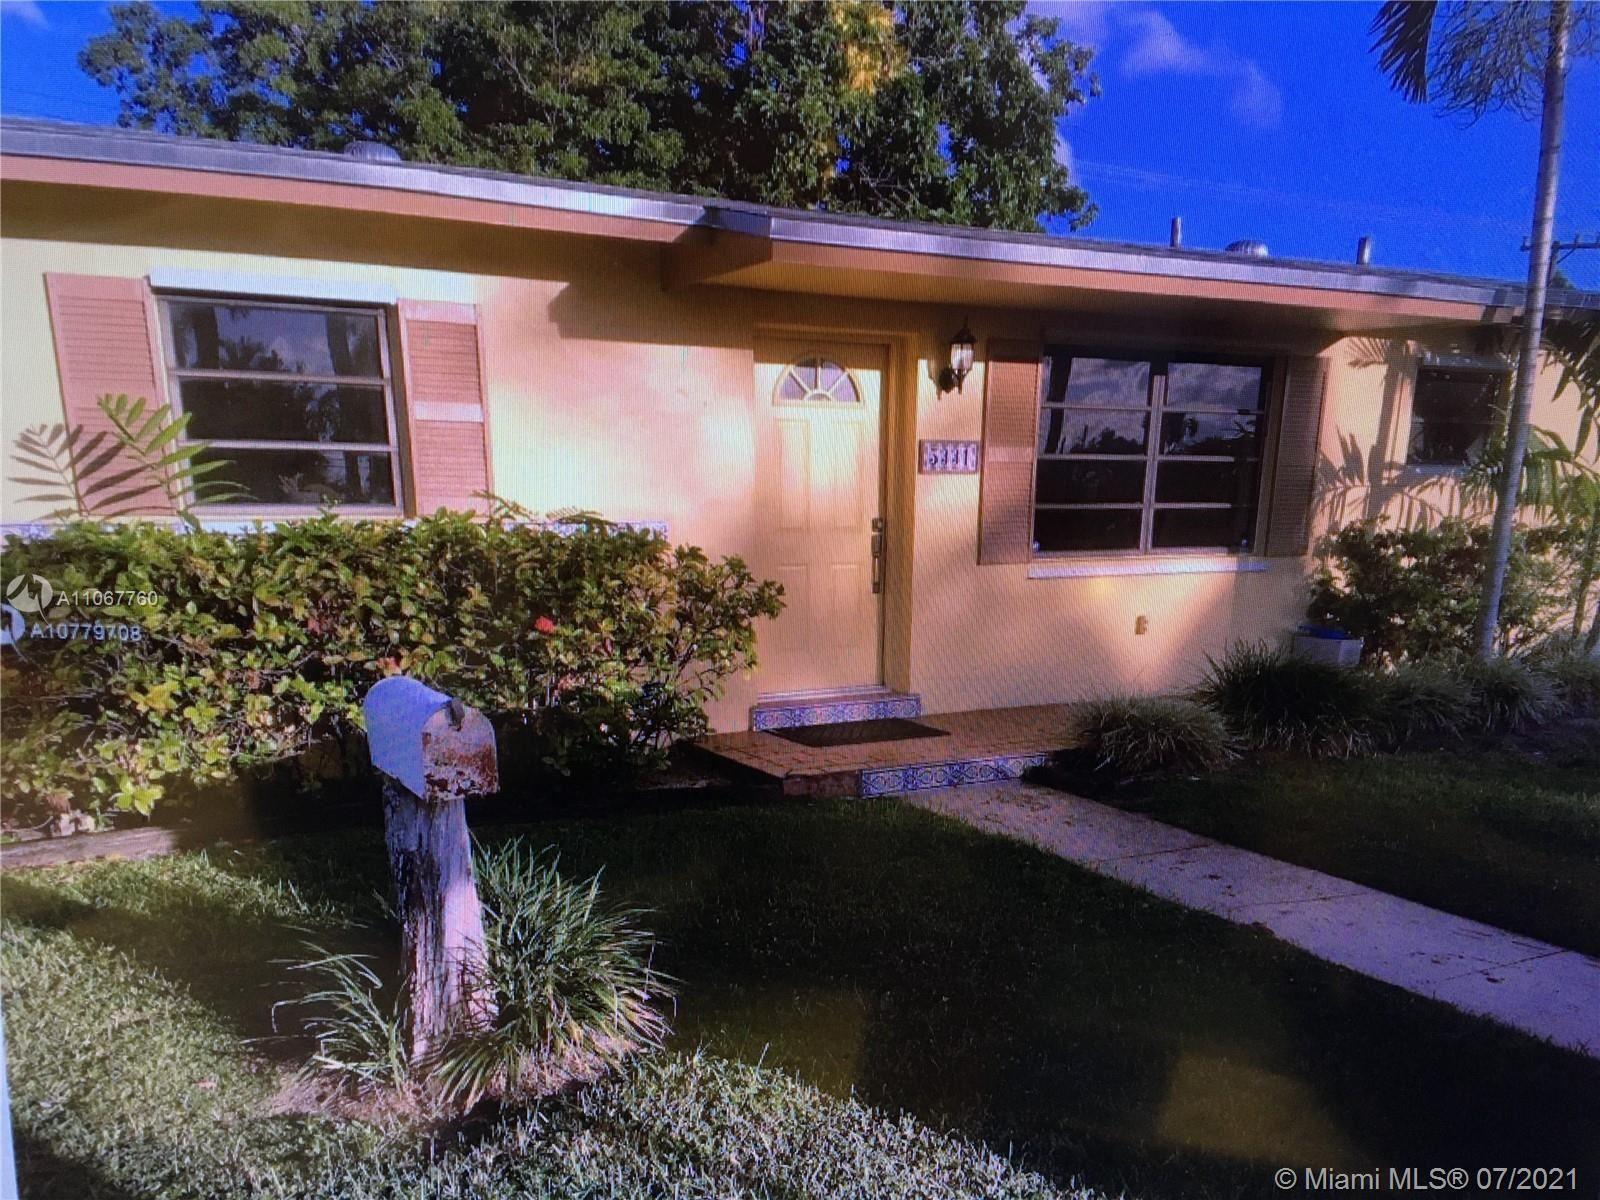 5331 SW 97th Ave, Miami, FL 33165 - #: A11067760